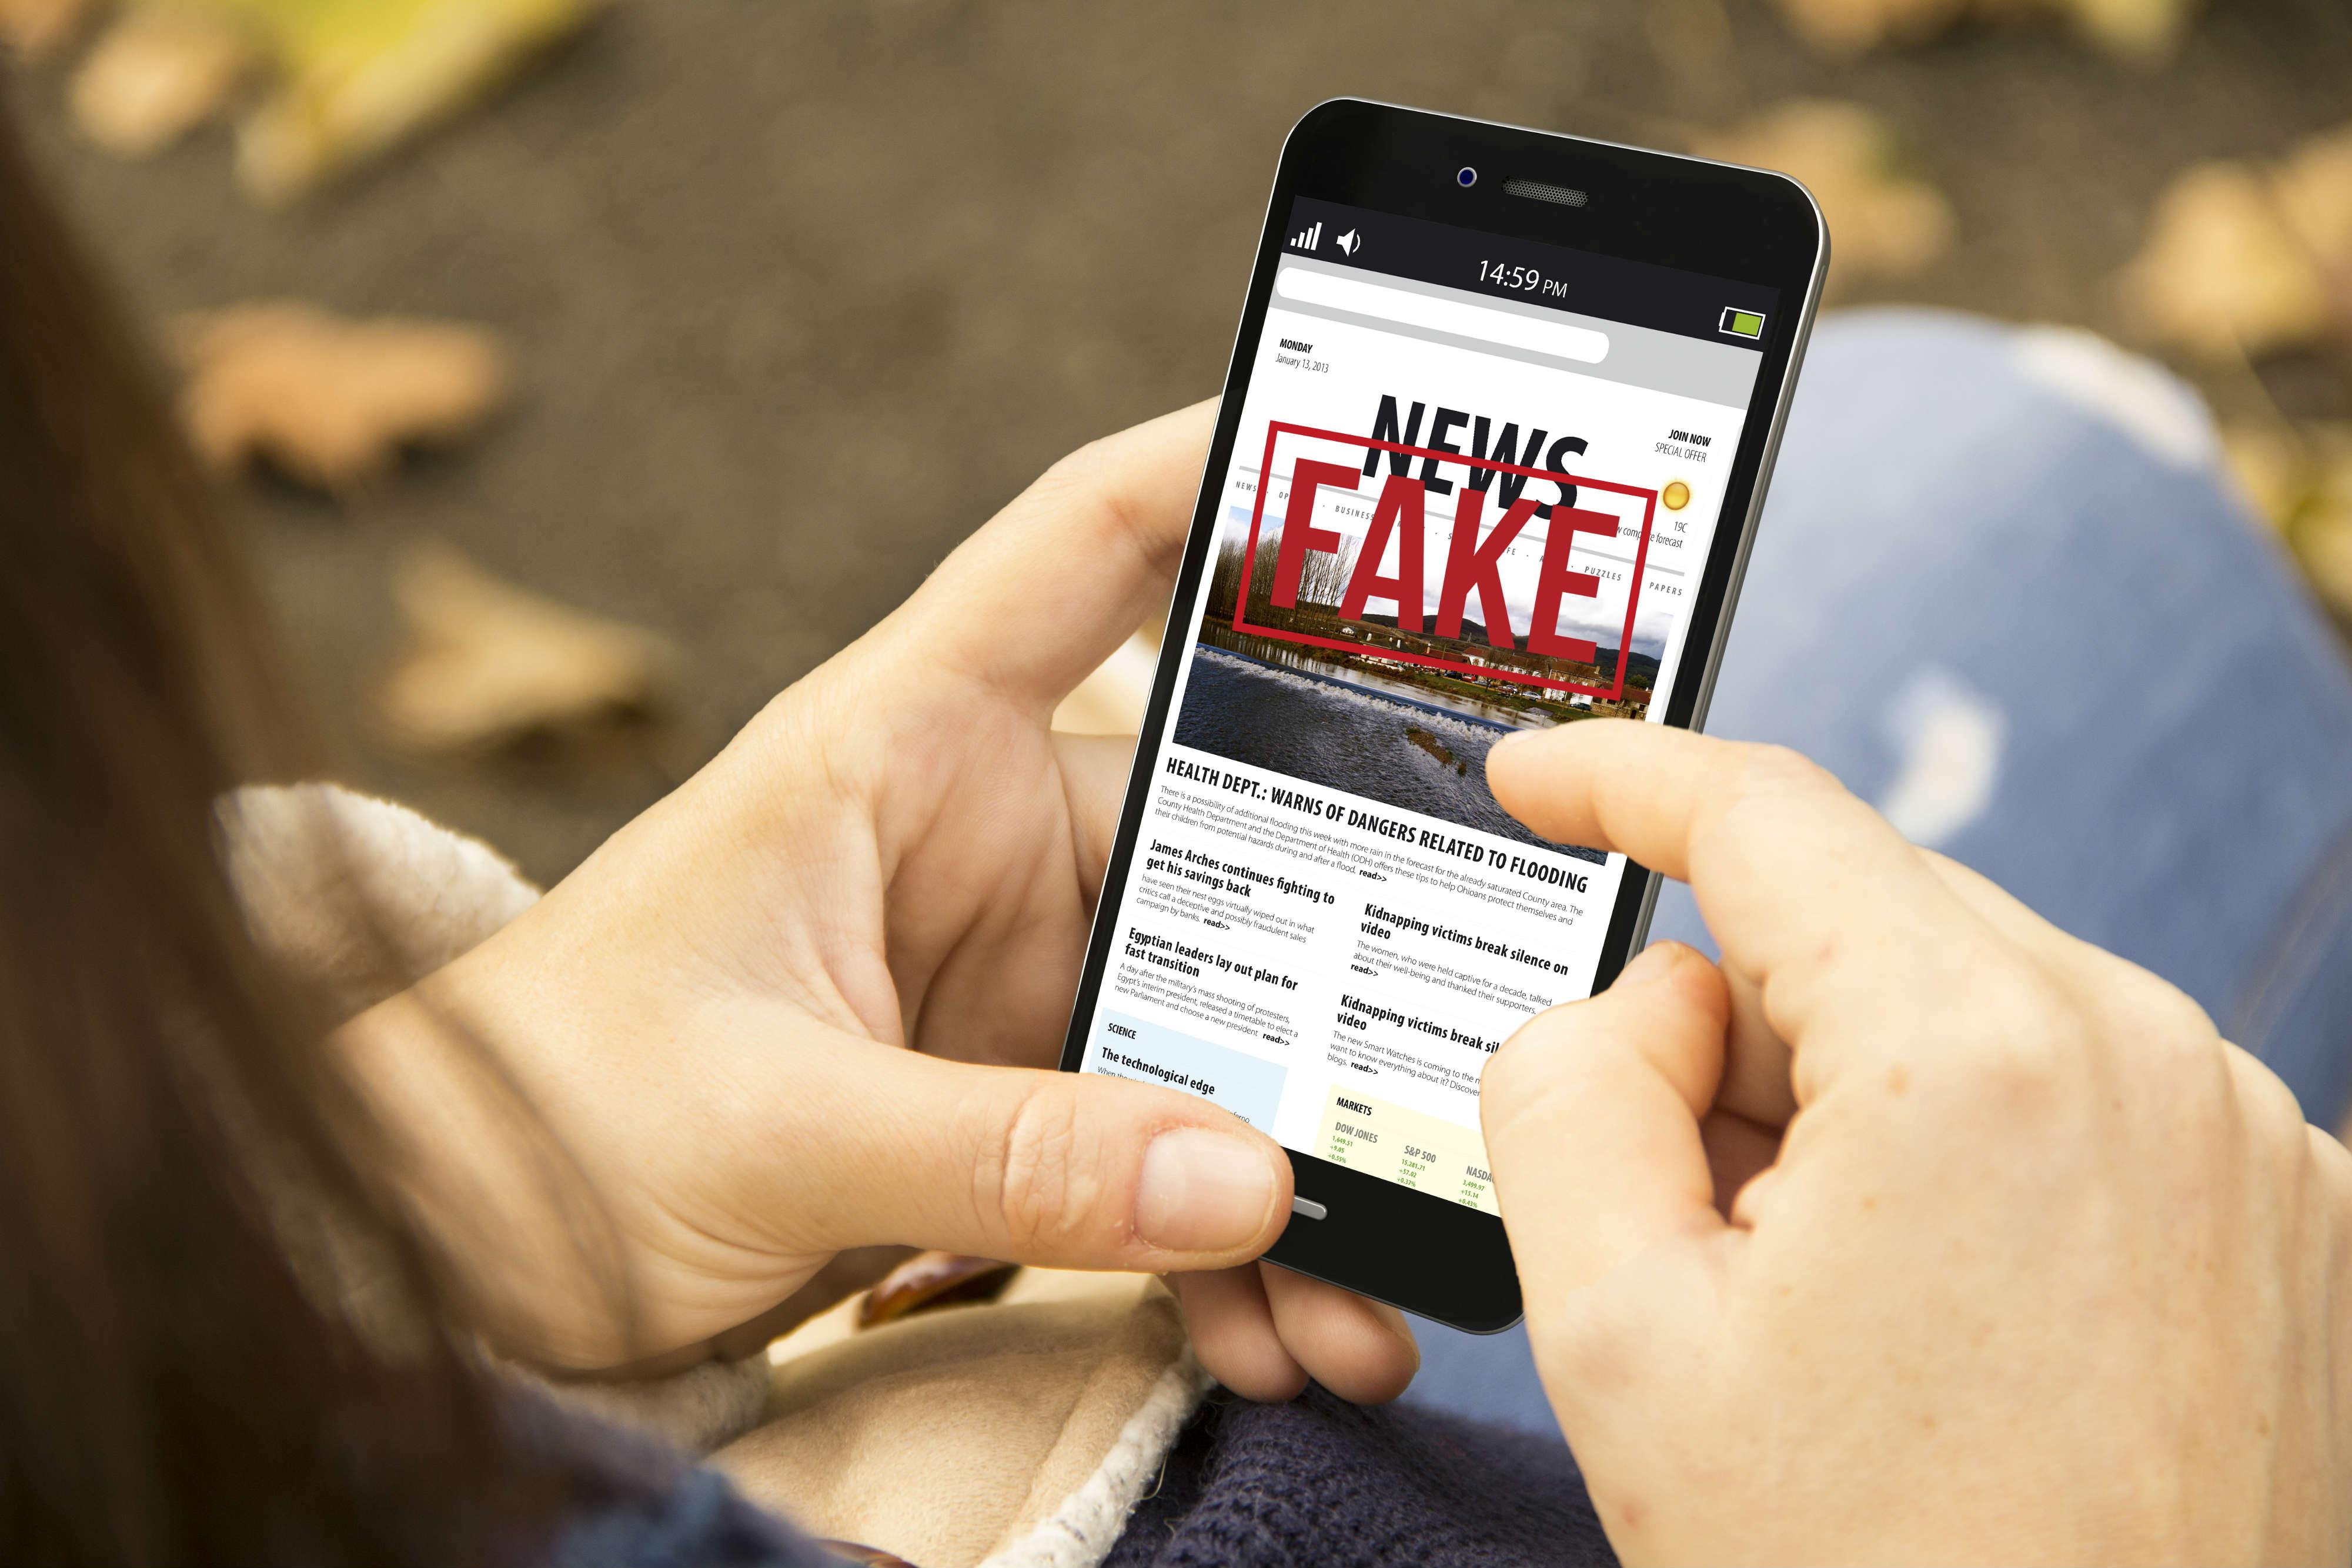 come riconoscere una notizia falsa su internet